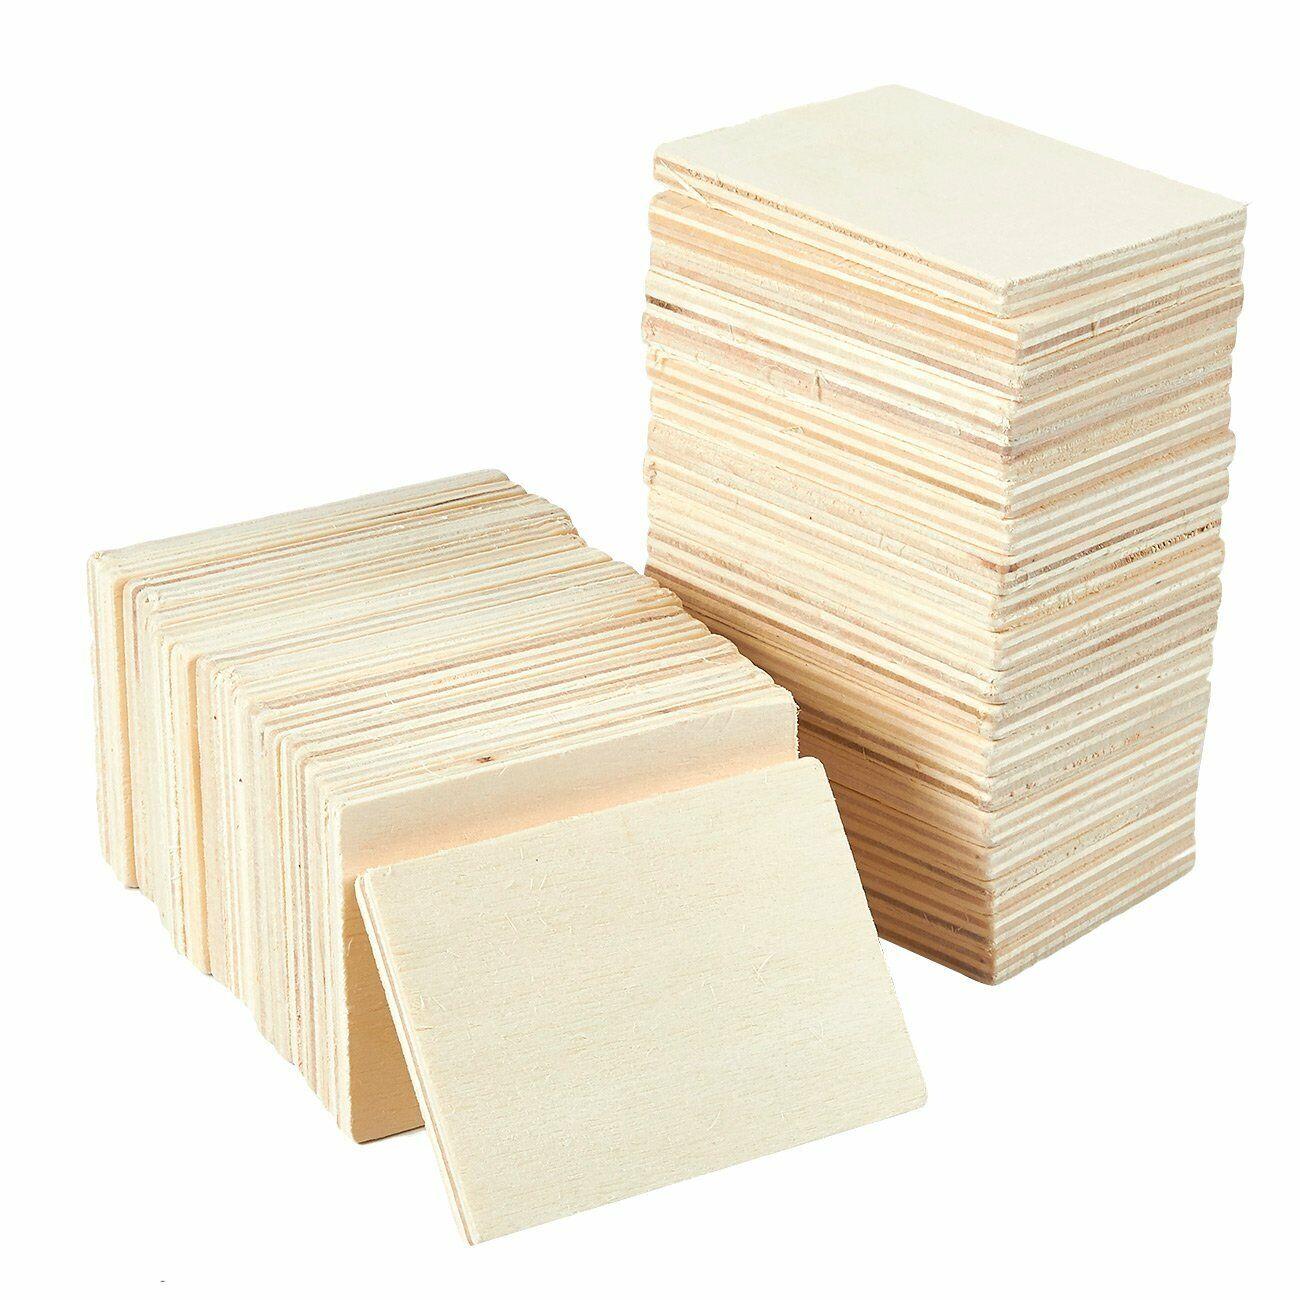 50Pcs Unfinished Wood Pieces Wooden Squares Cutout Tiles DIY Supplies 4x4cm